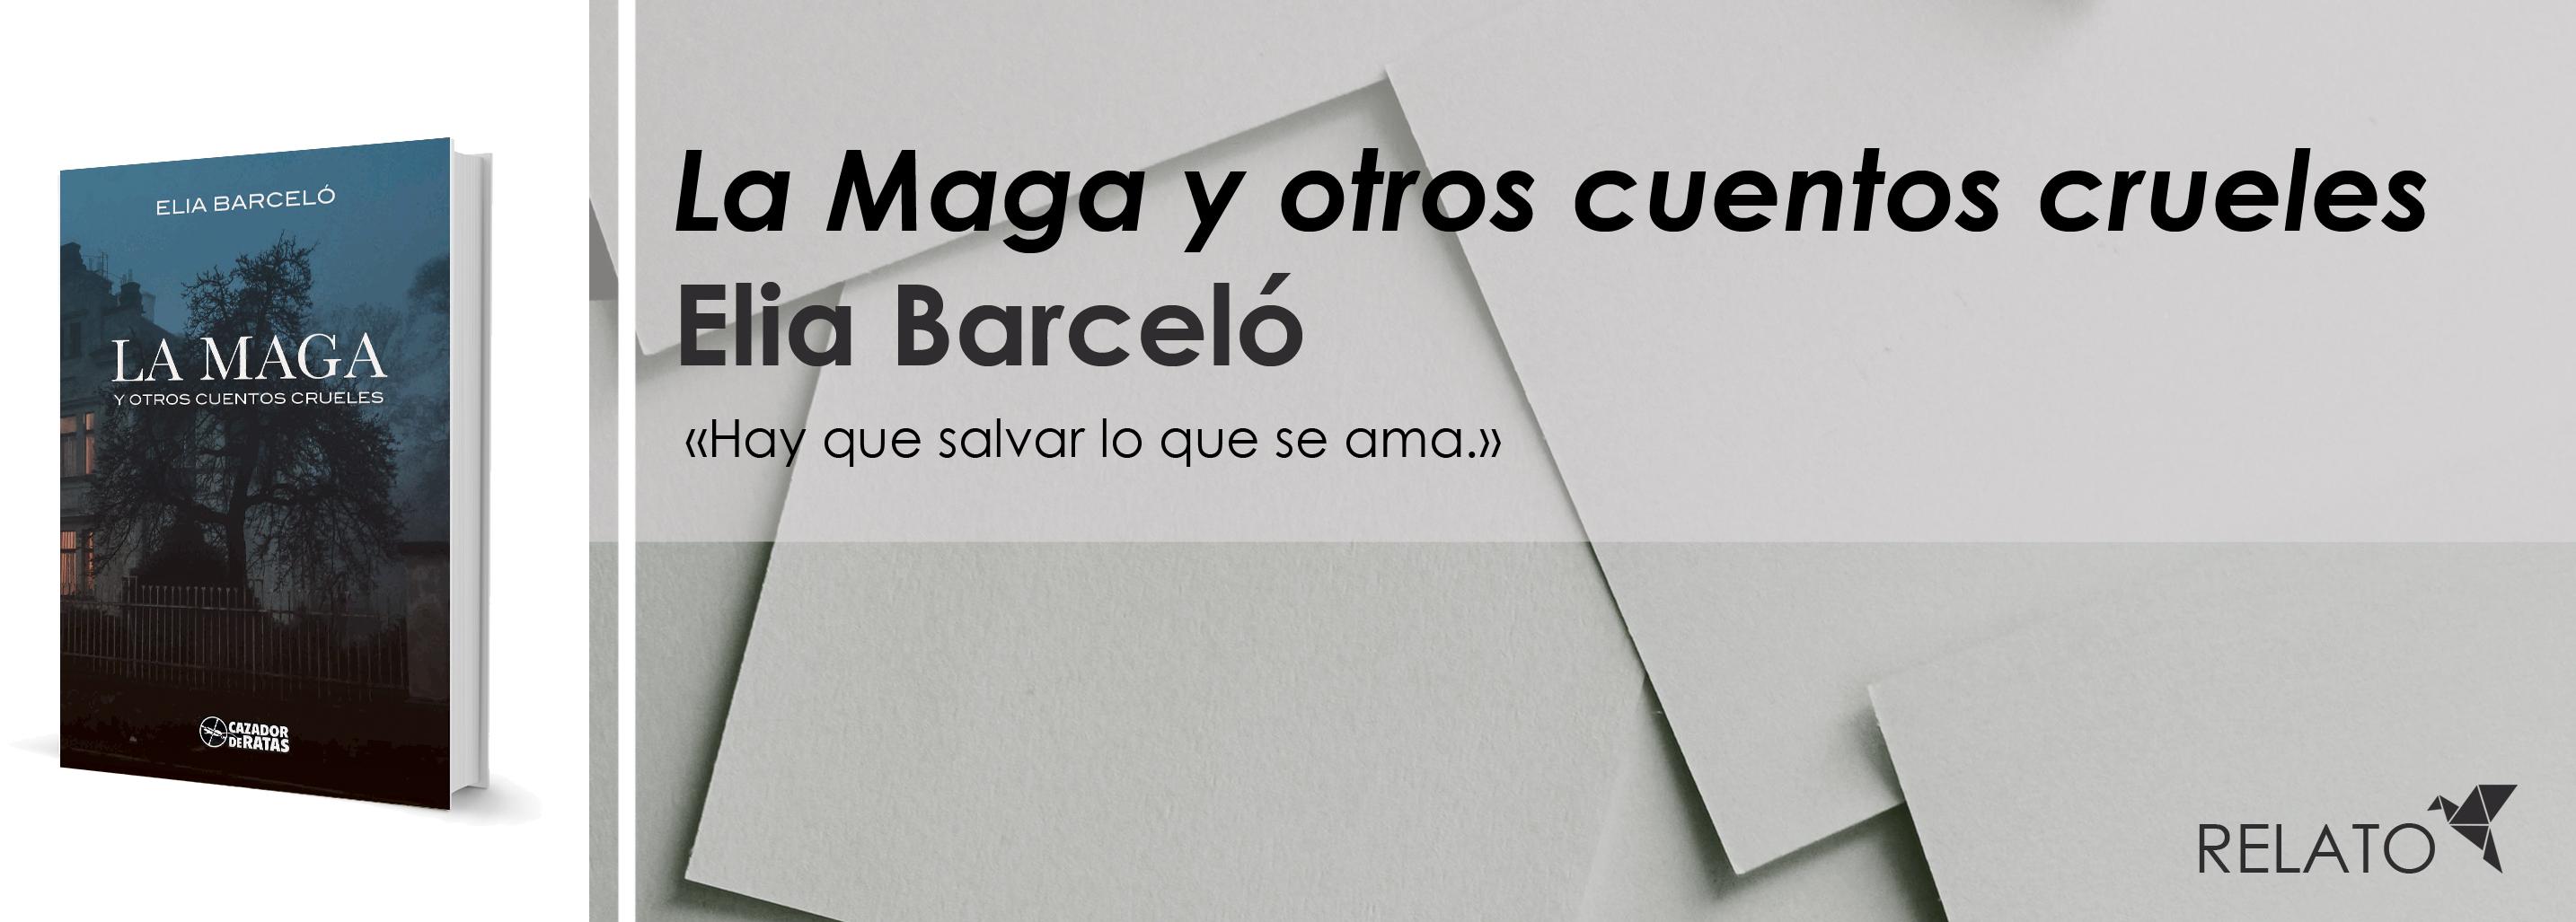 La Maga y otros cuentos crueles, de Elia Barceló